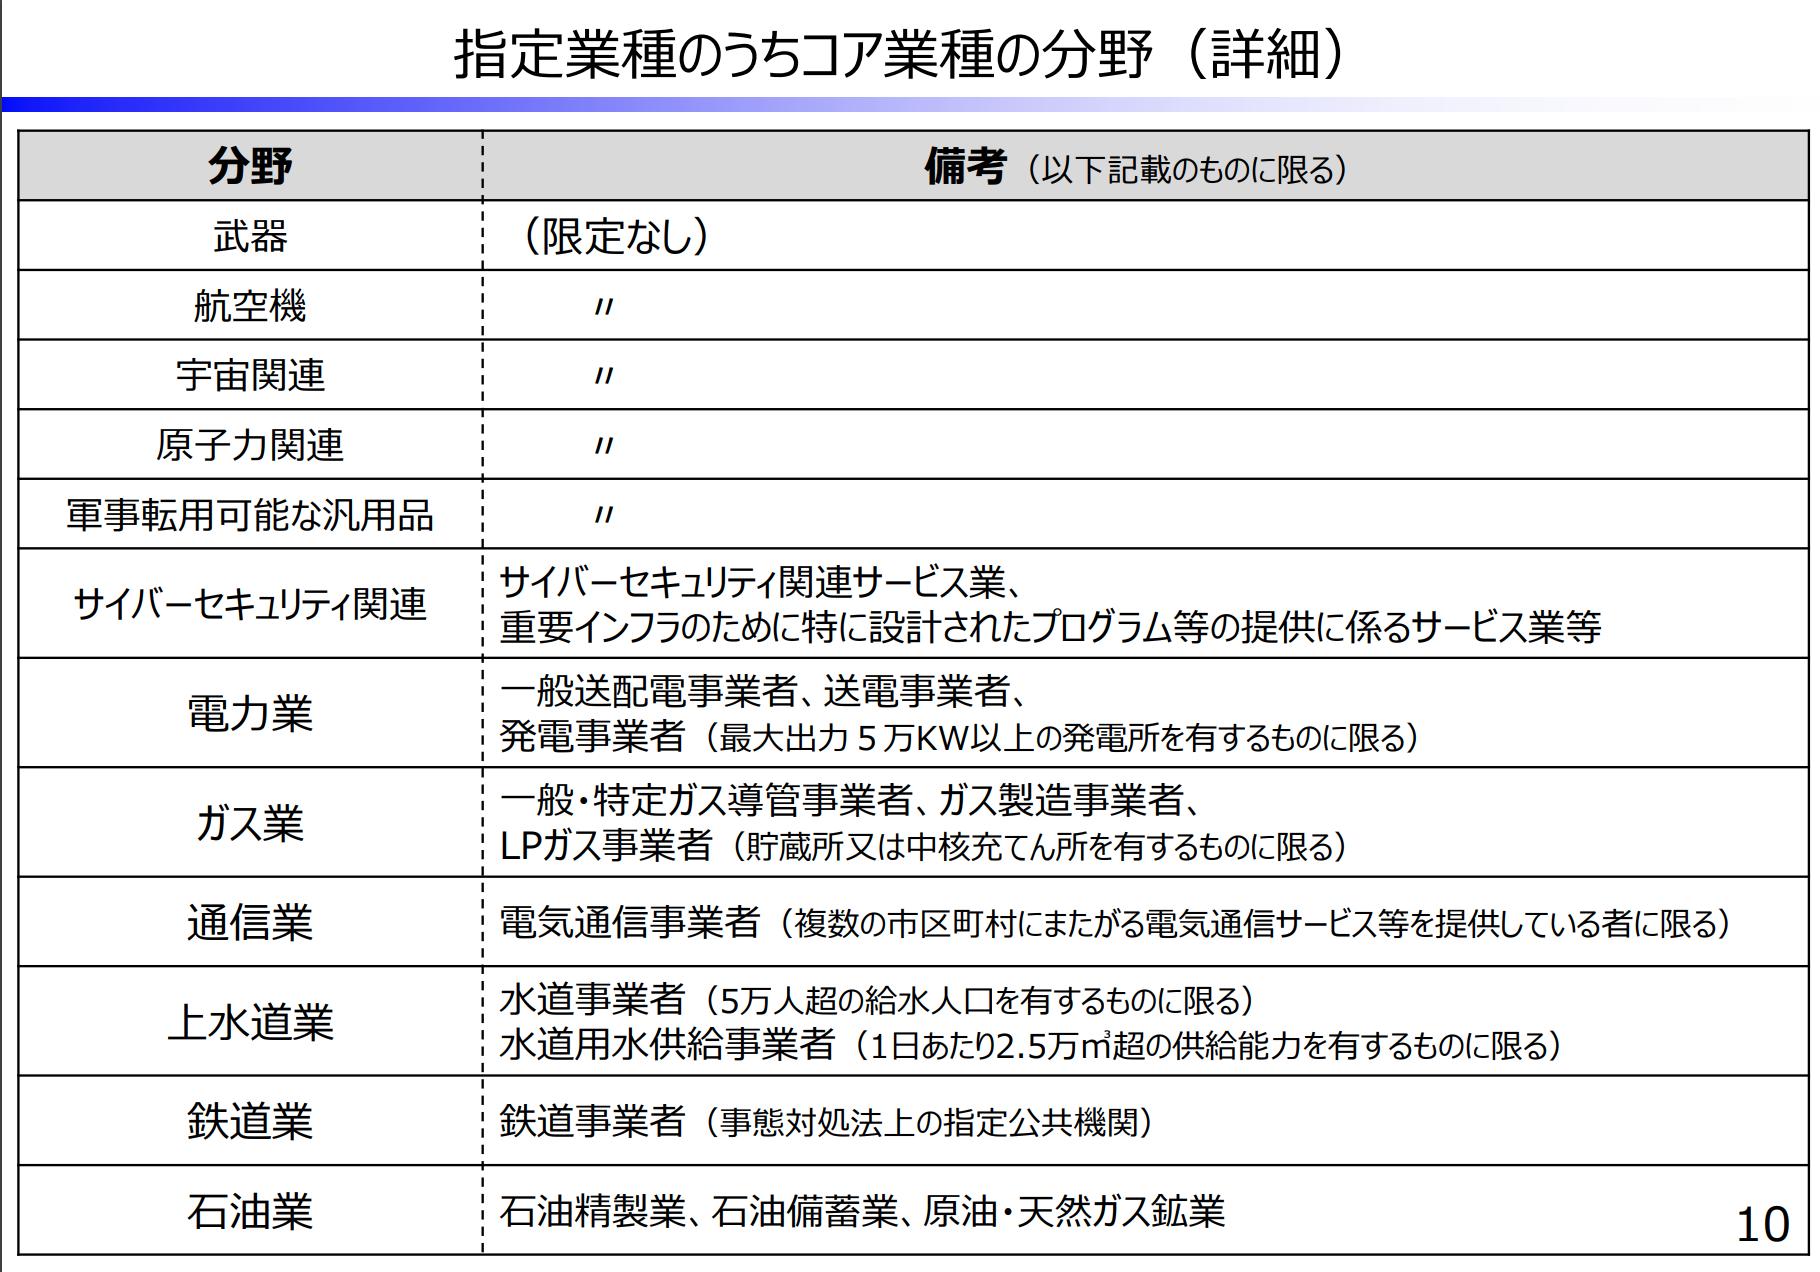 【日本】改正外為法が施行。2102社を海外法人からの出資規制対象に指定。6月7日から適用 2